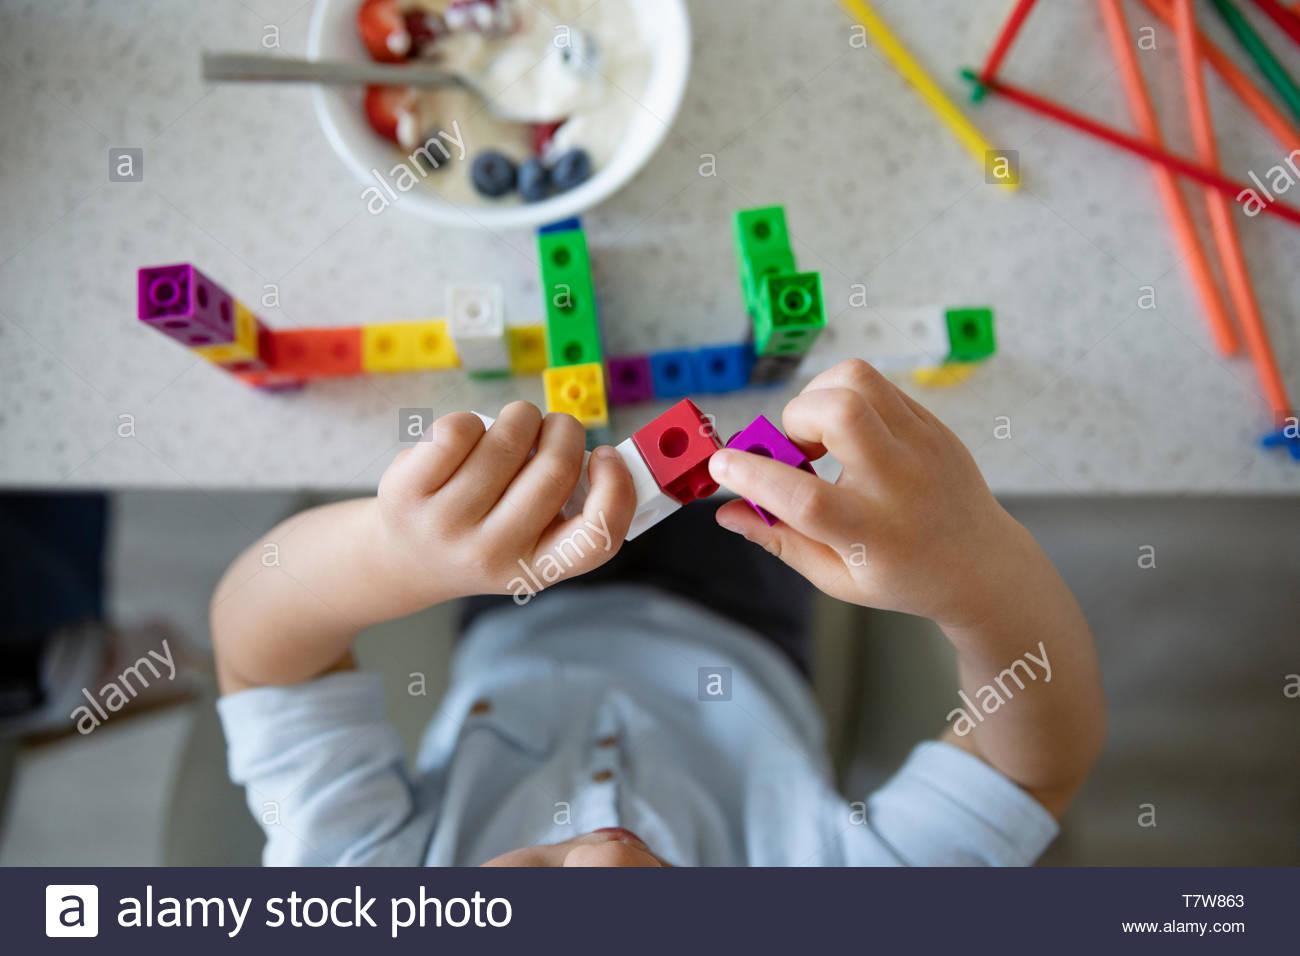 Vue de dessus Garçon jouant avec des blocs en plastique Photo Stock